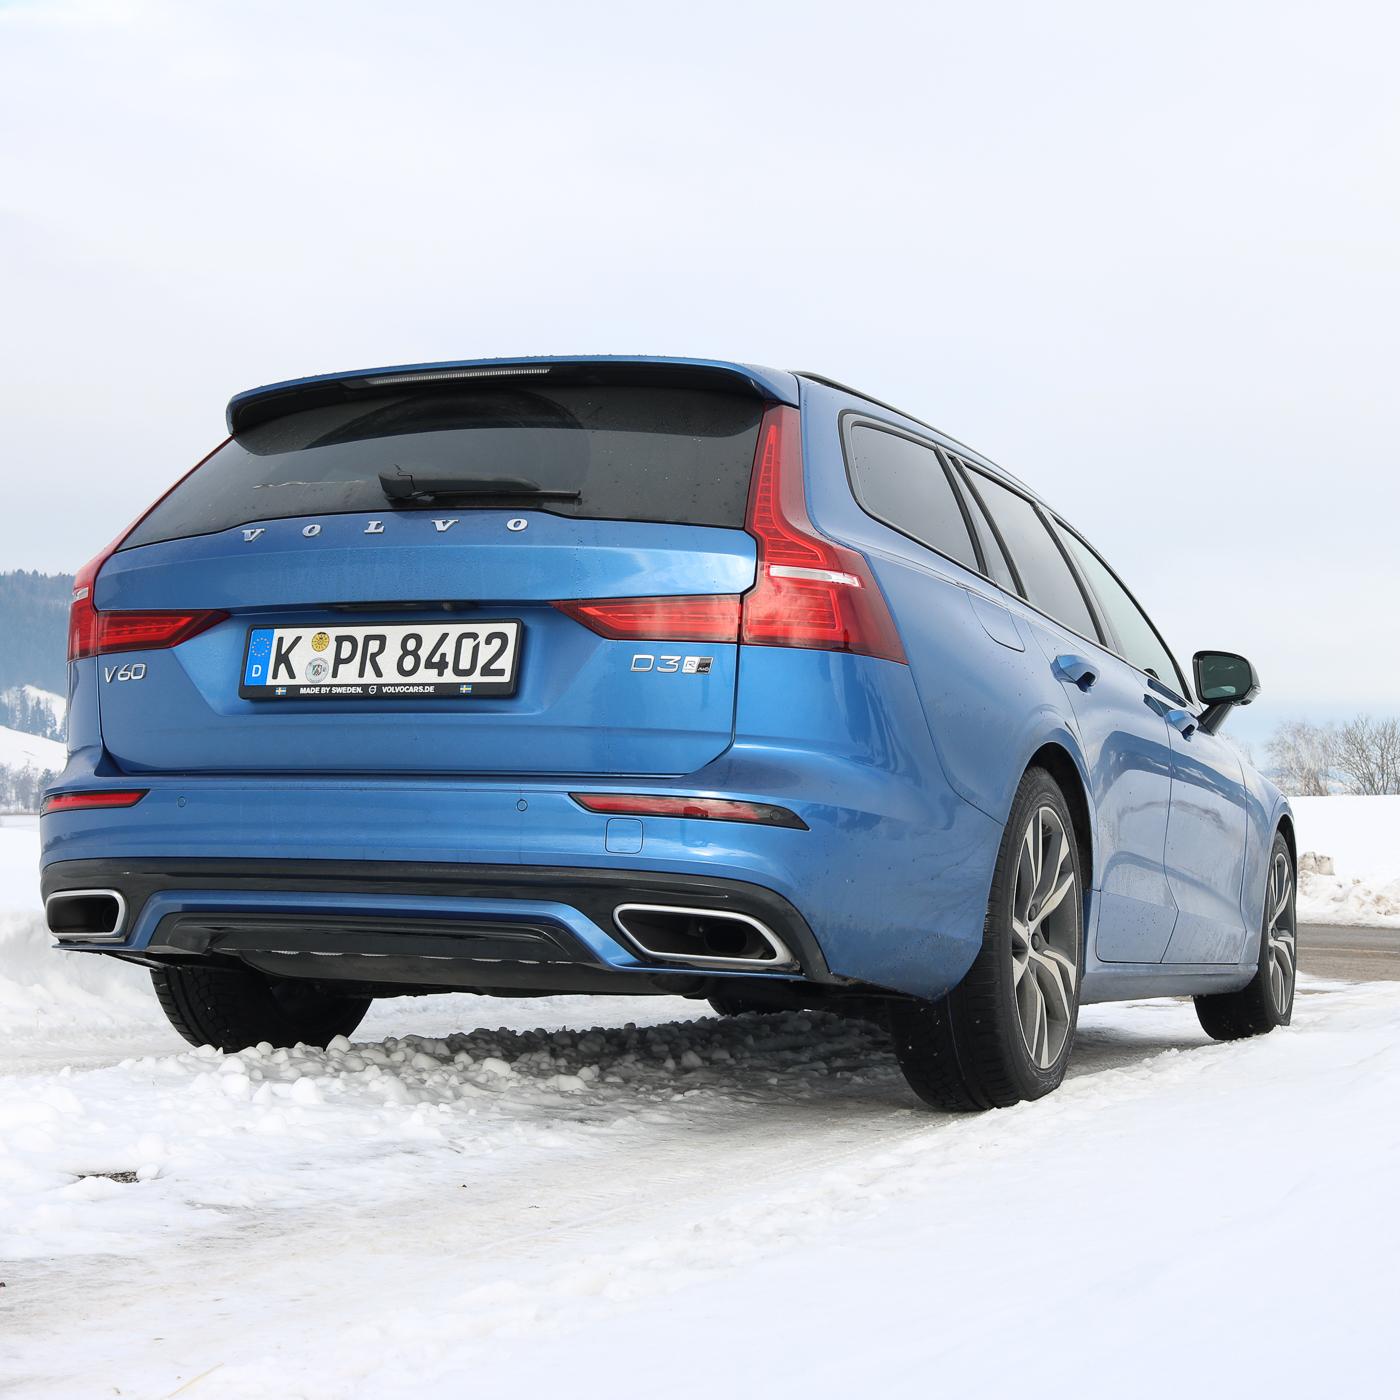 2019 Volvo V60 D3 R-Design AWD